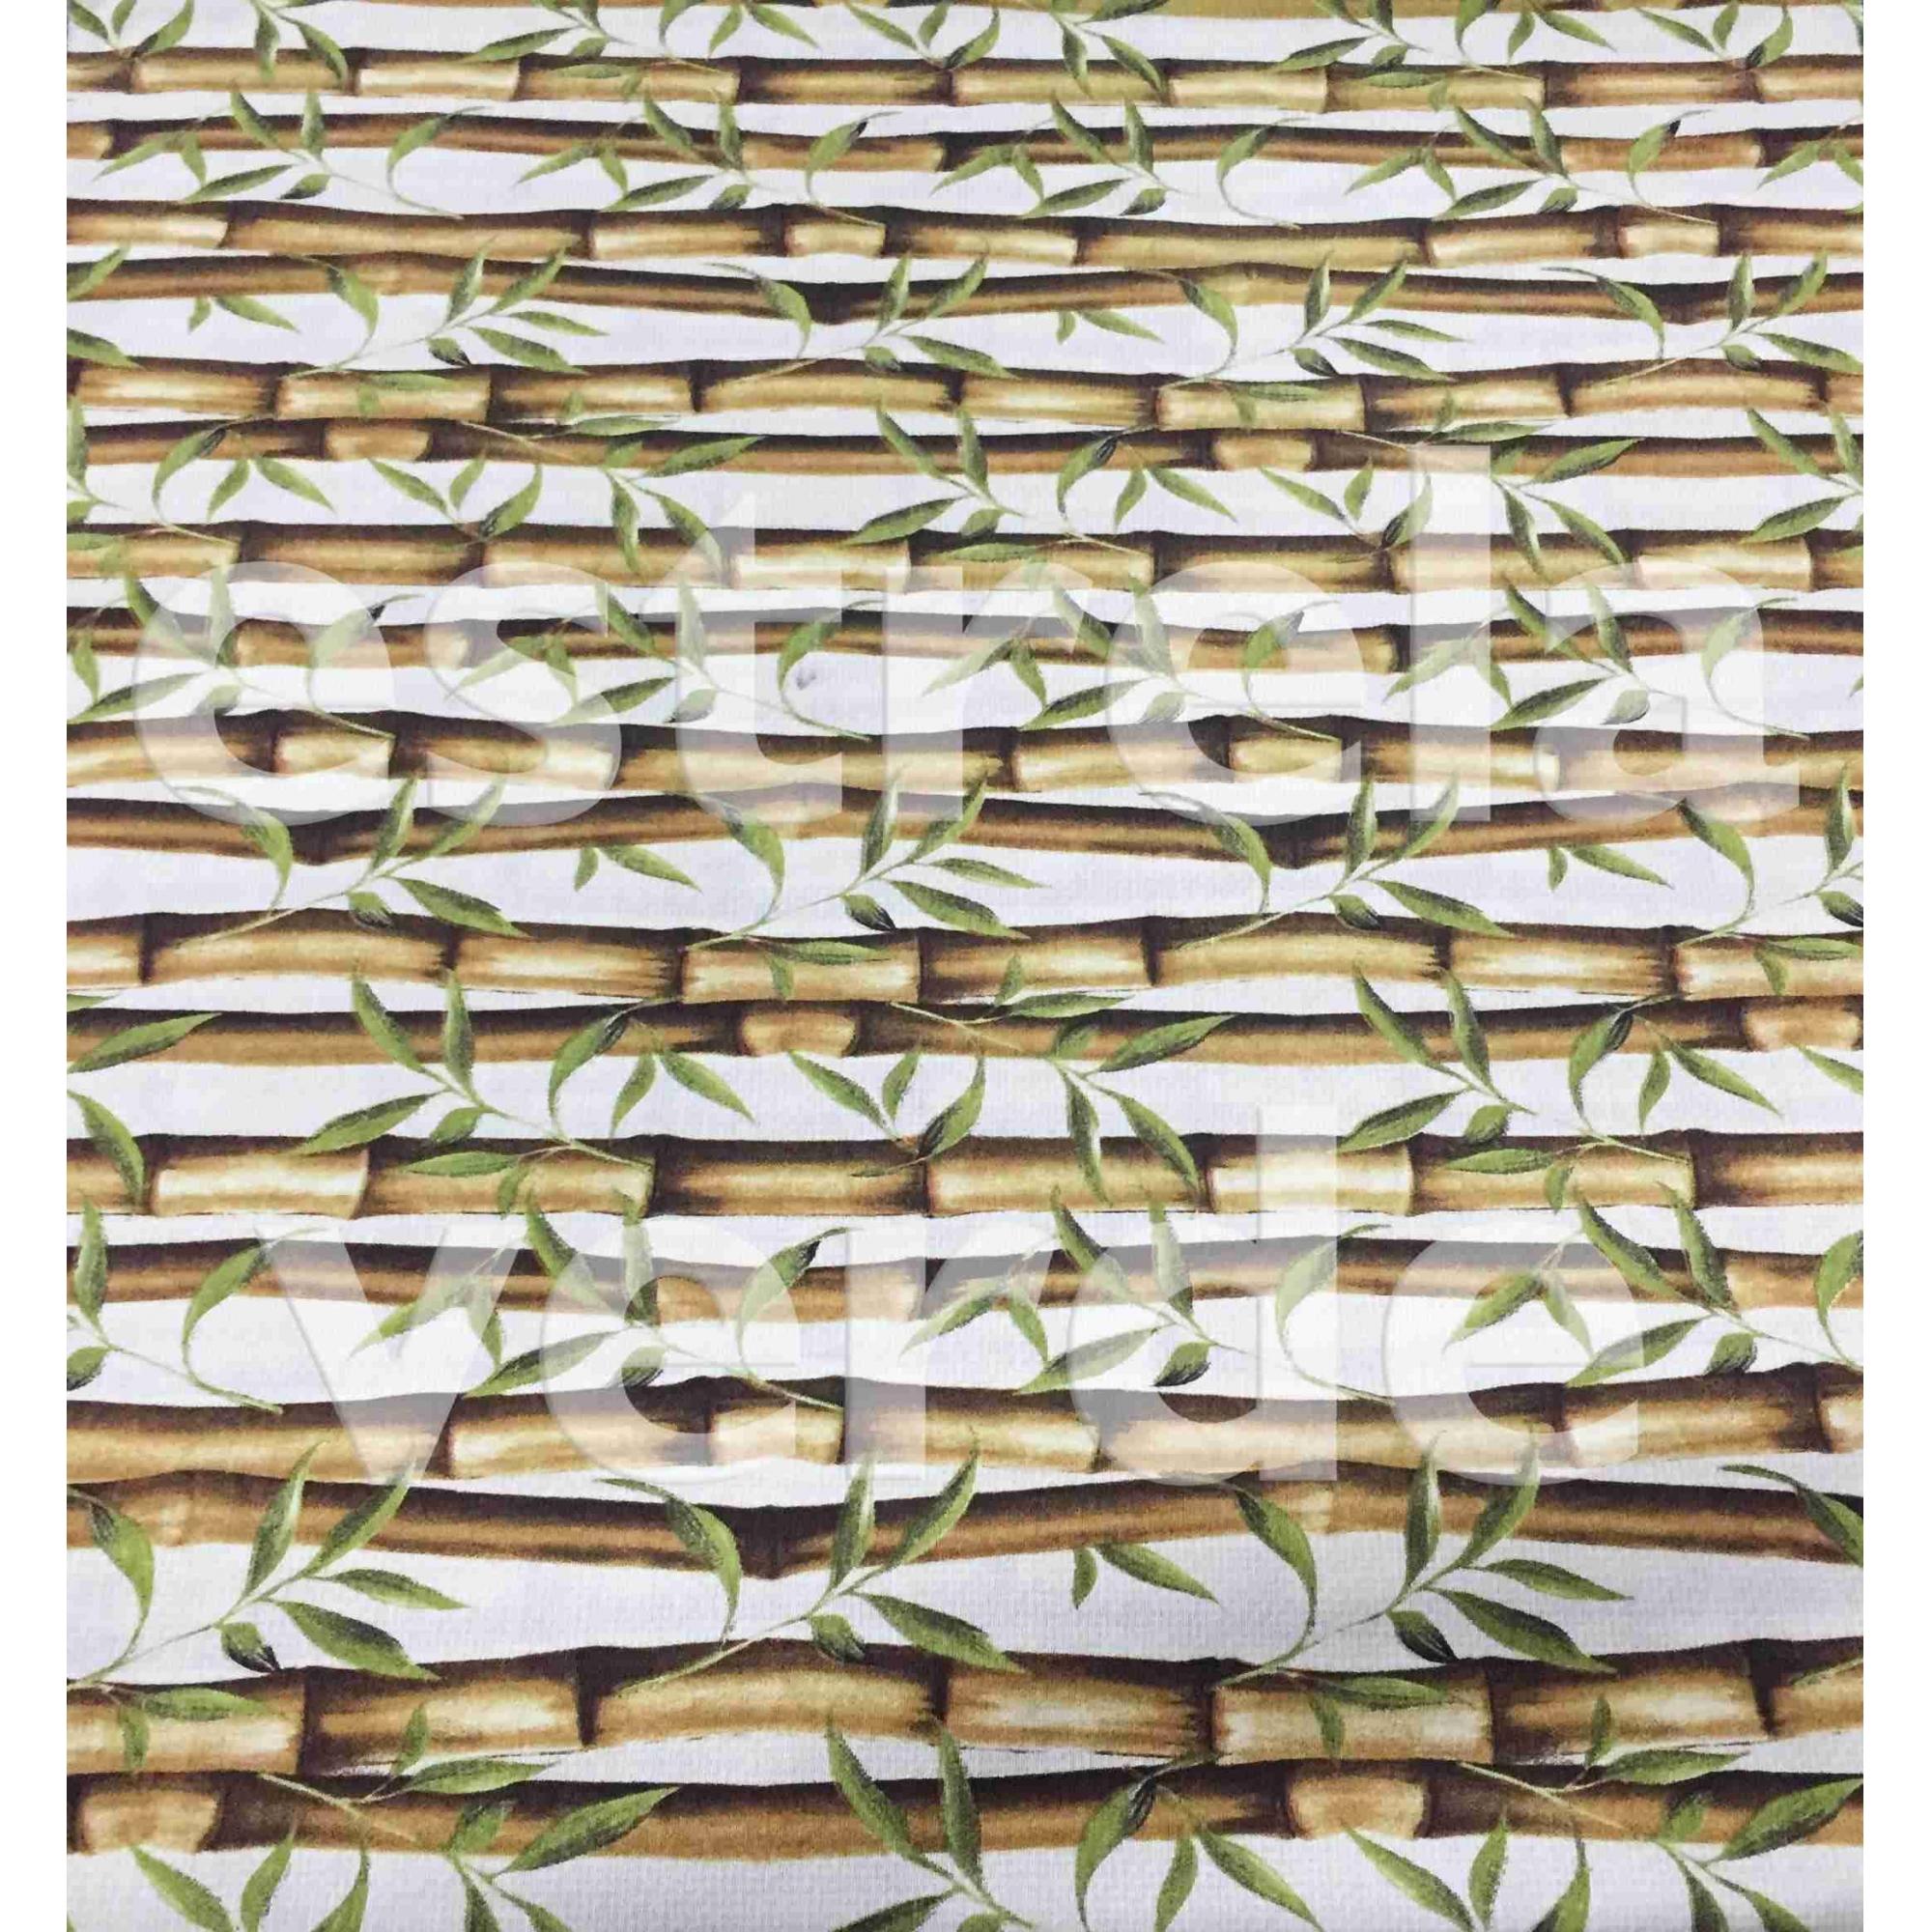 TECIDO IMPERMEAVEL BAMBU BAMBU 288965 DESCONTINUAD  - Estrela Verde